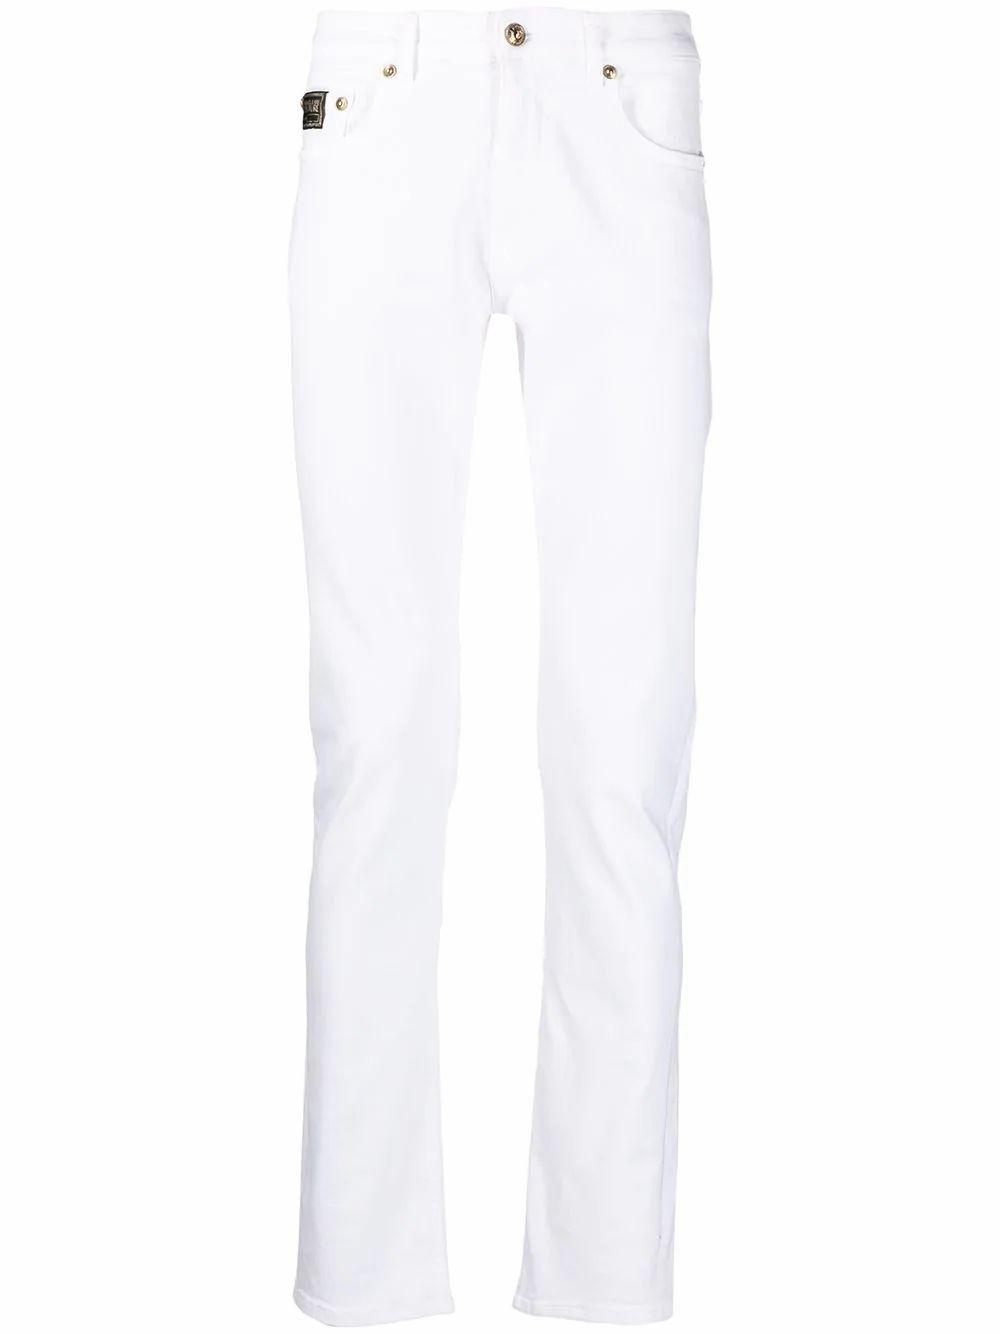 Versace Jeans VERSACE JEANS MEN'S WHITE COTTON JEANS